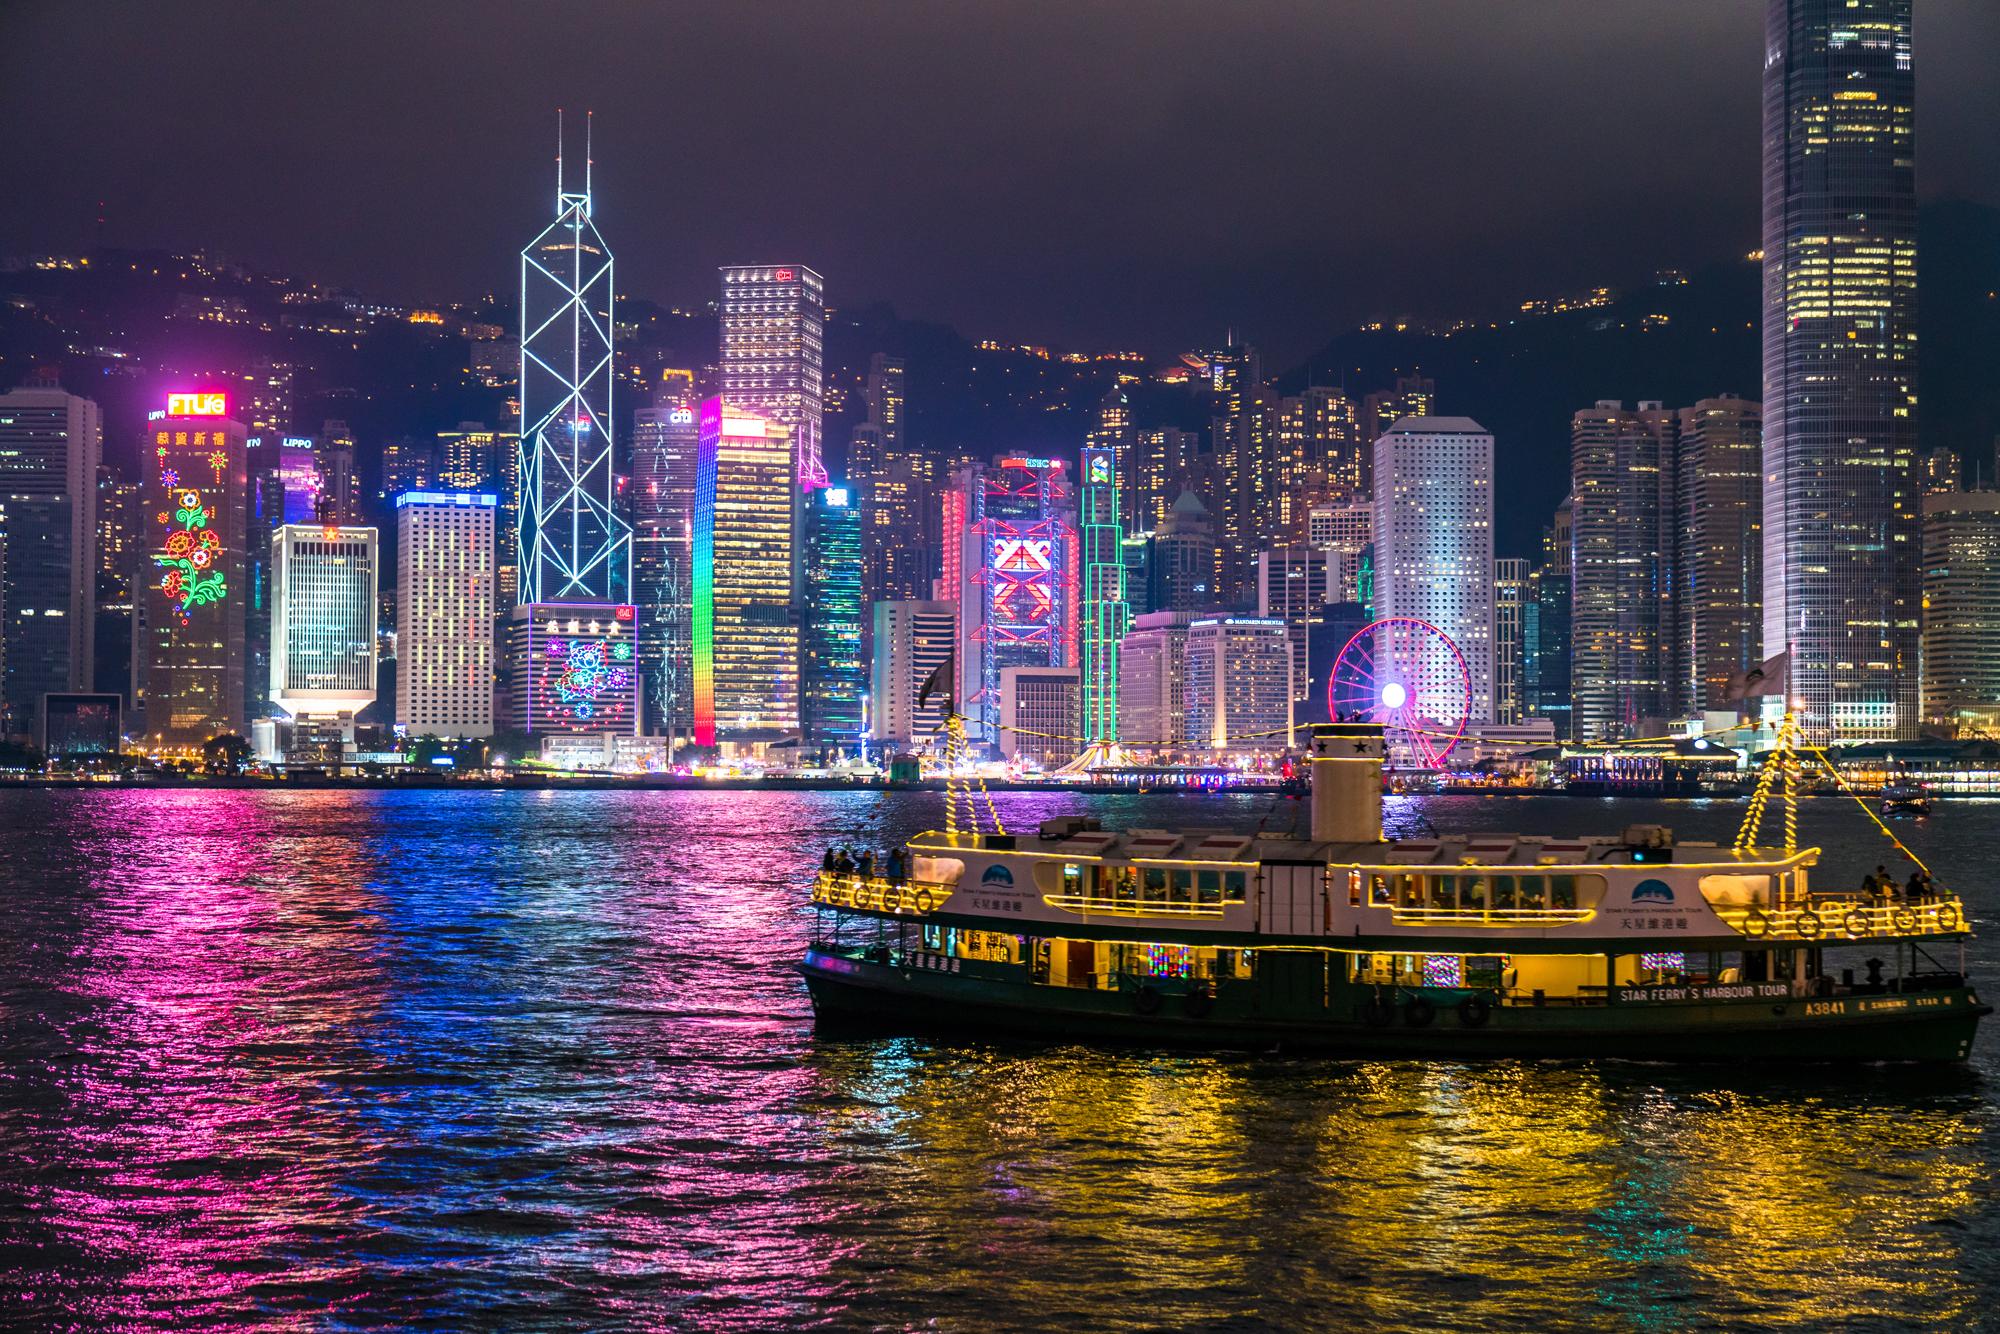 ビクトリアピークからの100万ドルの夜景観賞とビクトリア湾の壮大な夜景鑑賞ツアーと香港名物のオープントップバス・ナイトドライブ<日本語ガイド/軽食付き/選べる解散場所(女人街でも解散できる!)>